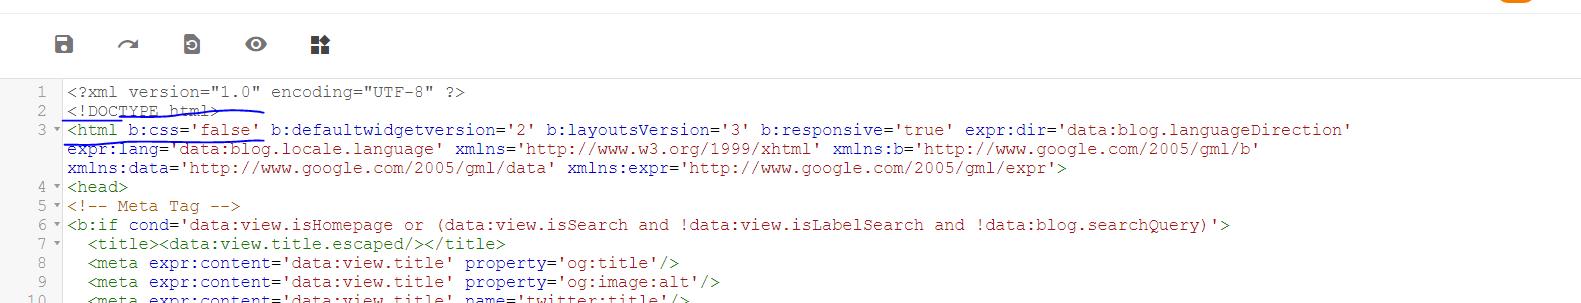 كود لتسريع قالب بلوجر  b:css='false' code